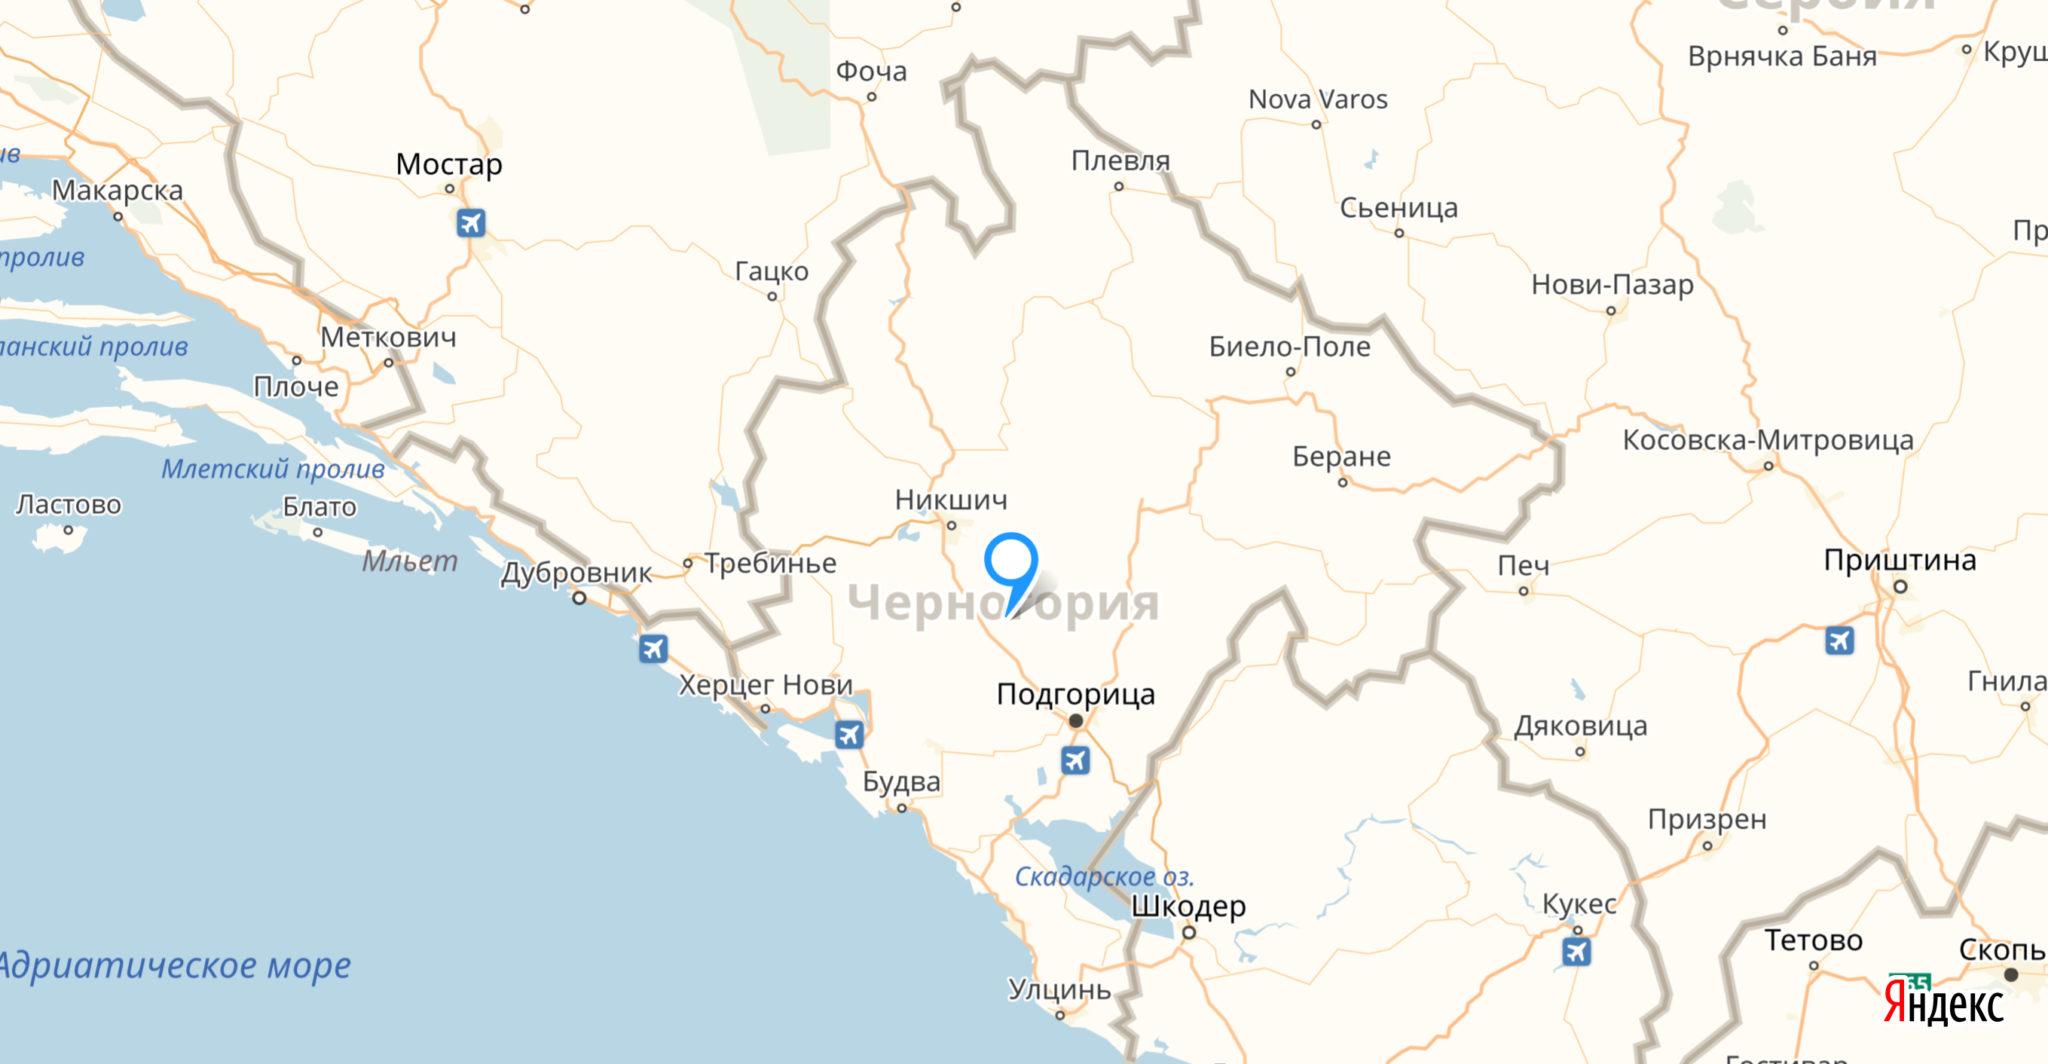 Черногория_11-03-2019_10-08-24